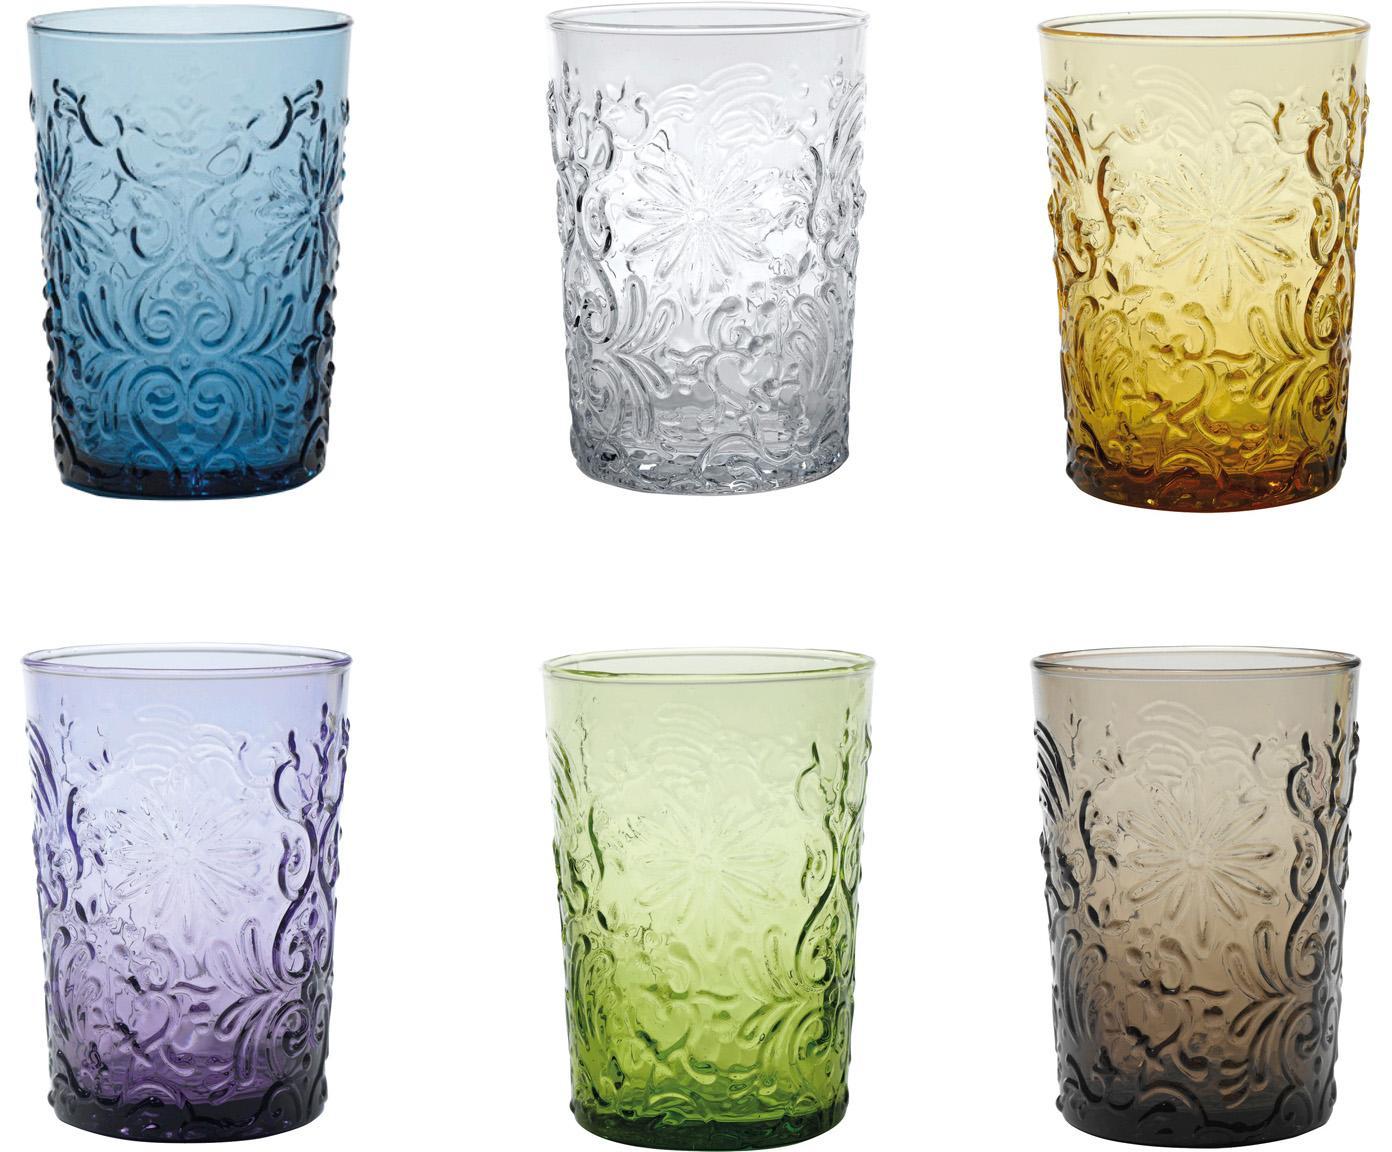 Wassergläser-Set Barocco mit Blumenrelief, 6-tlg, Glas, Mehrfarbig, Ø 8 x H 10 cm